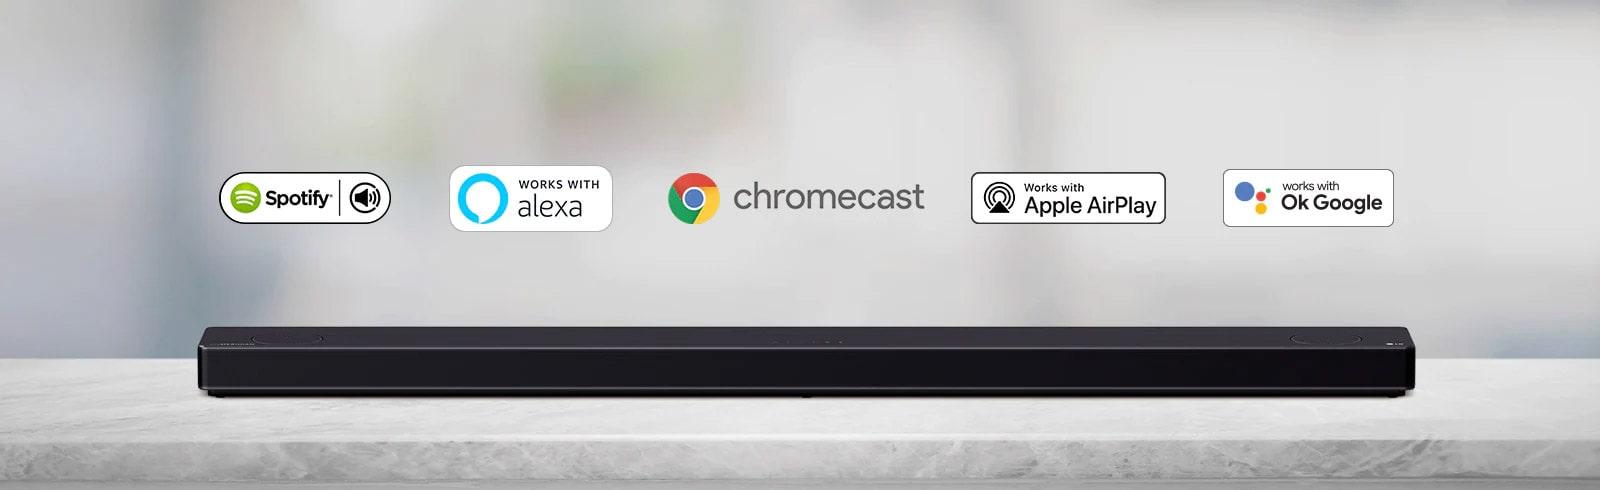 Loa soundbar đặt trên kệ màu xám và có logo nền tảng AI, theo thứ tự spotify, Alexa, Chromecast, Apple Airplay và OK Google từ trái sang phải.